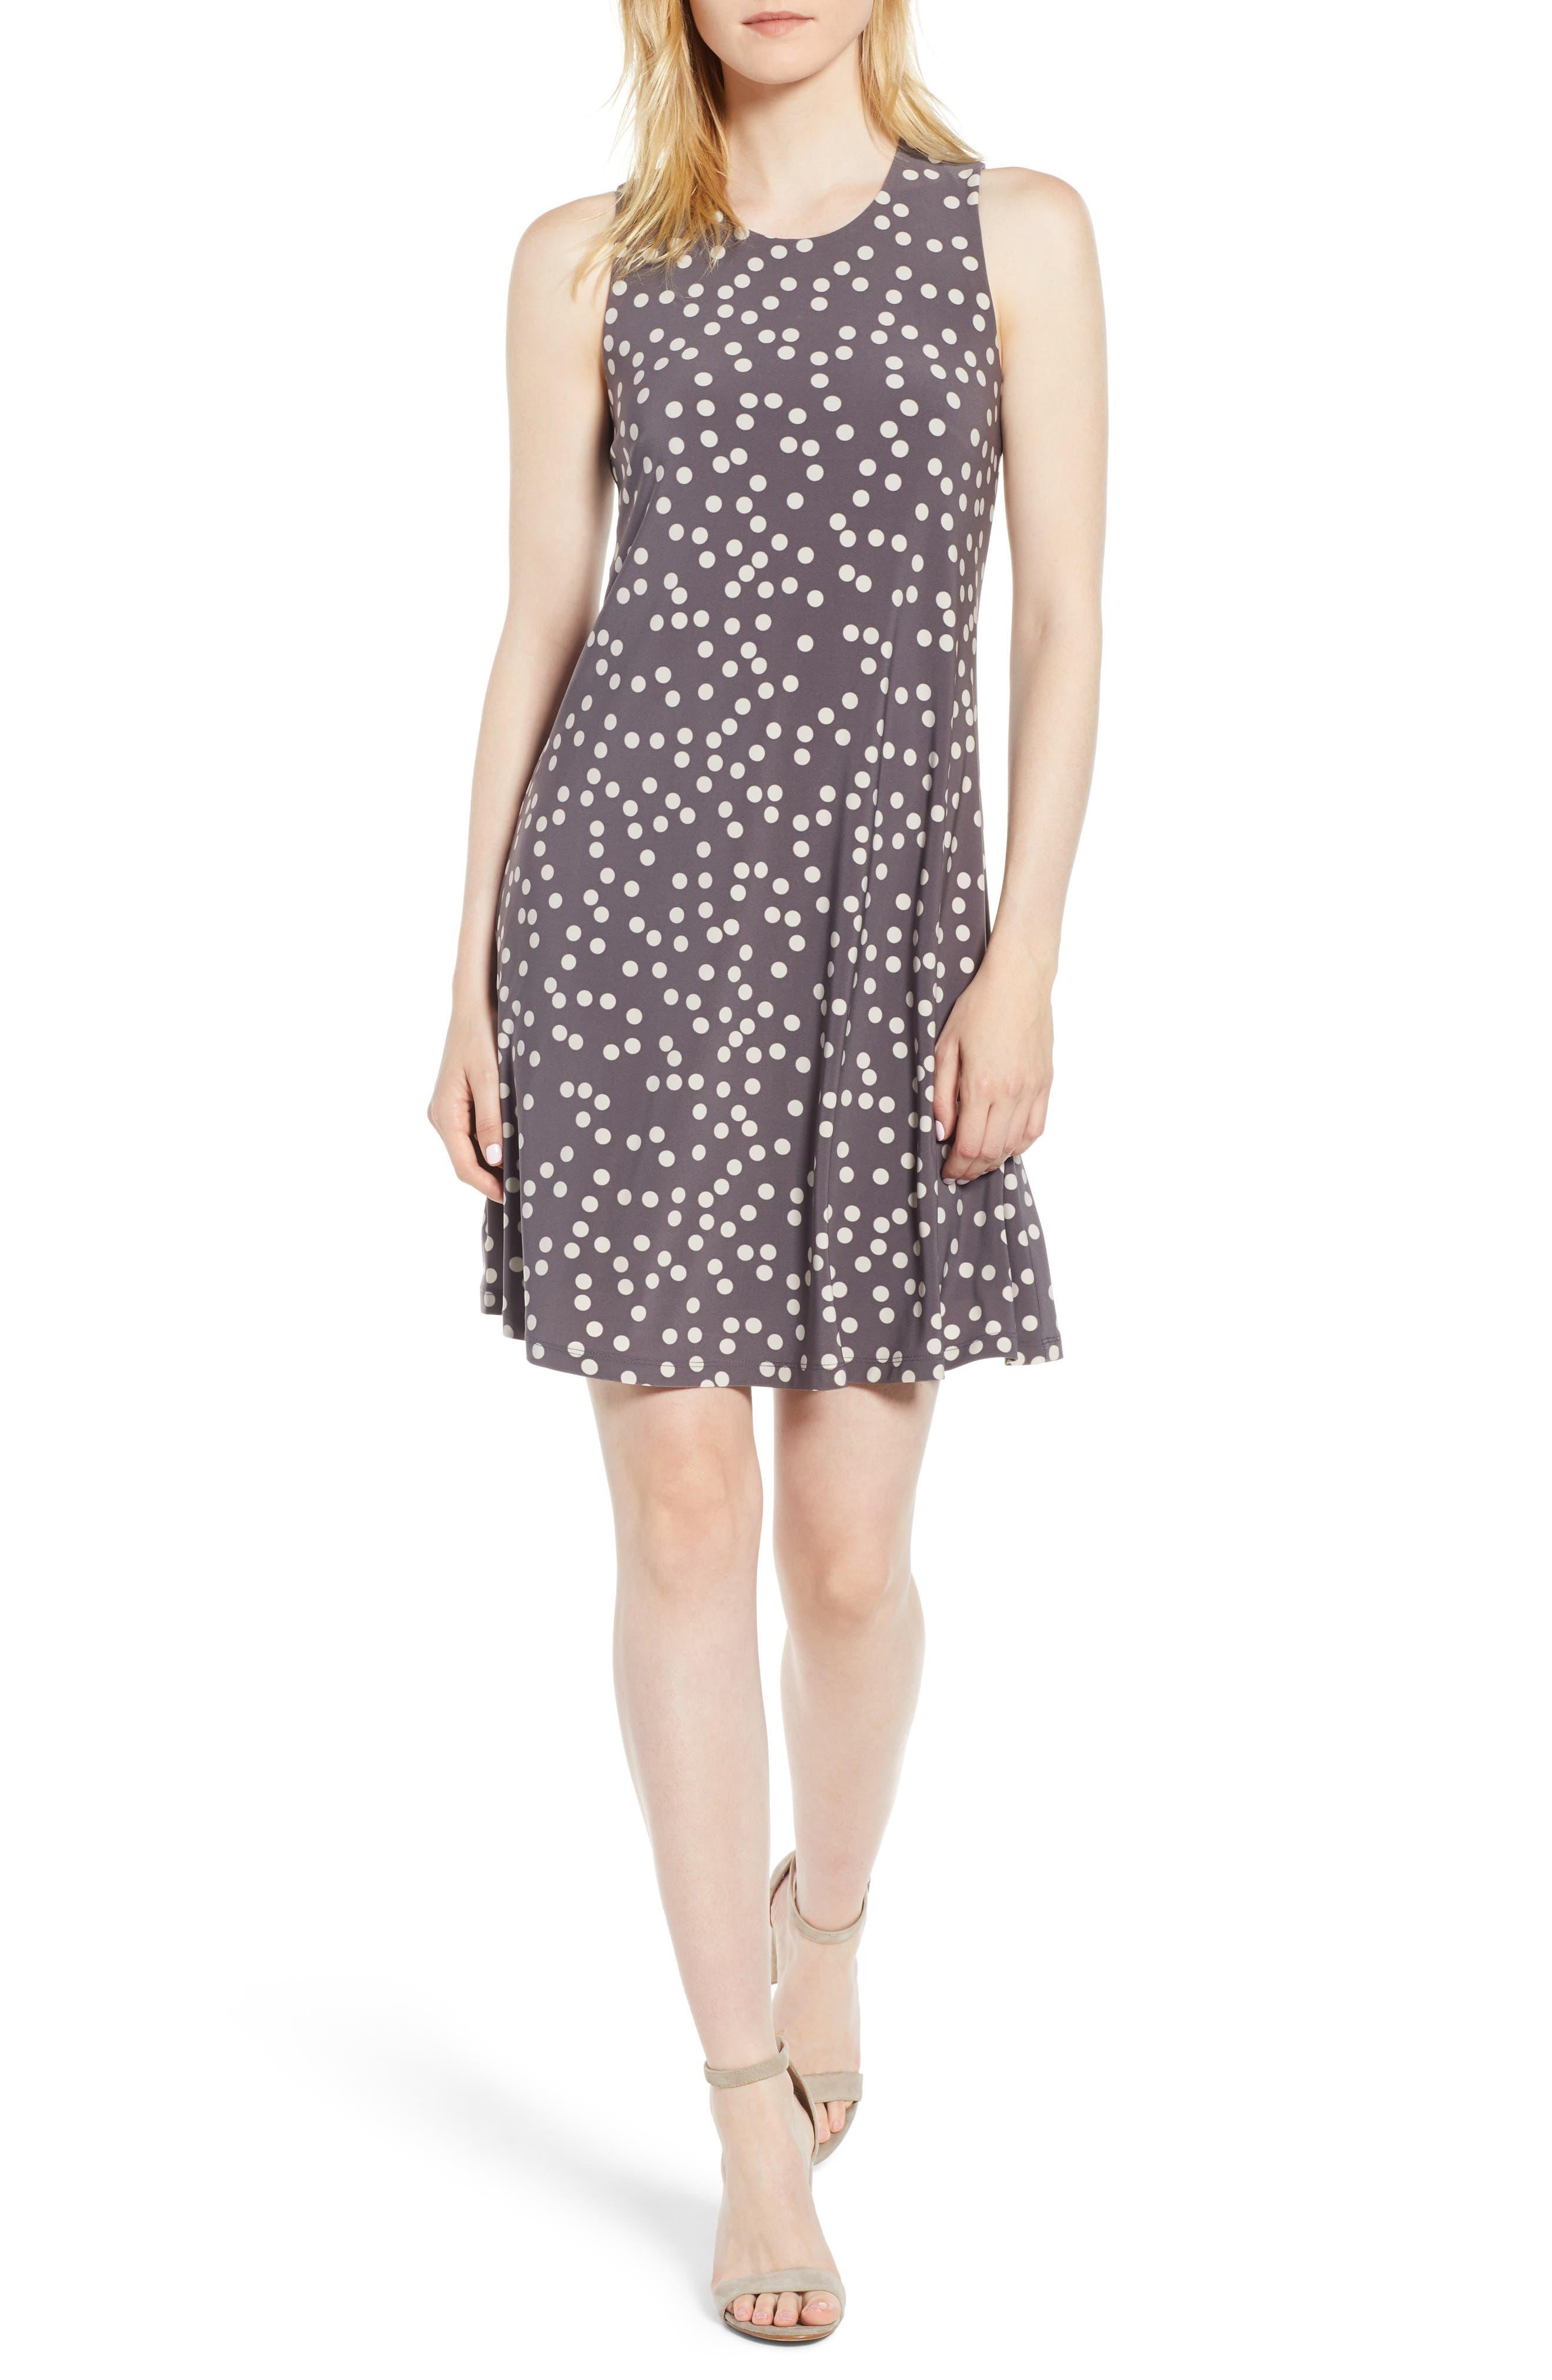 Dot Print Swing Dress,                             Main thumbnail 1, color,                             NANTUCKET GREY/ OYSTER SHELL